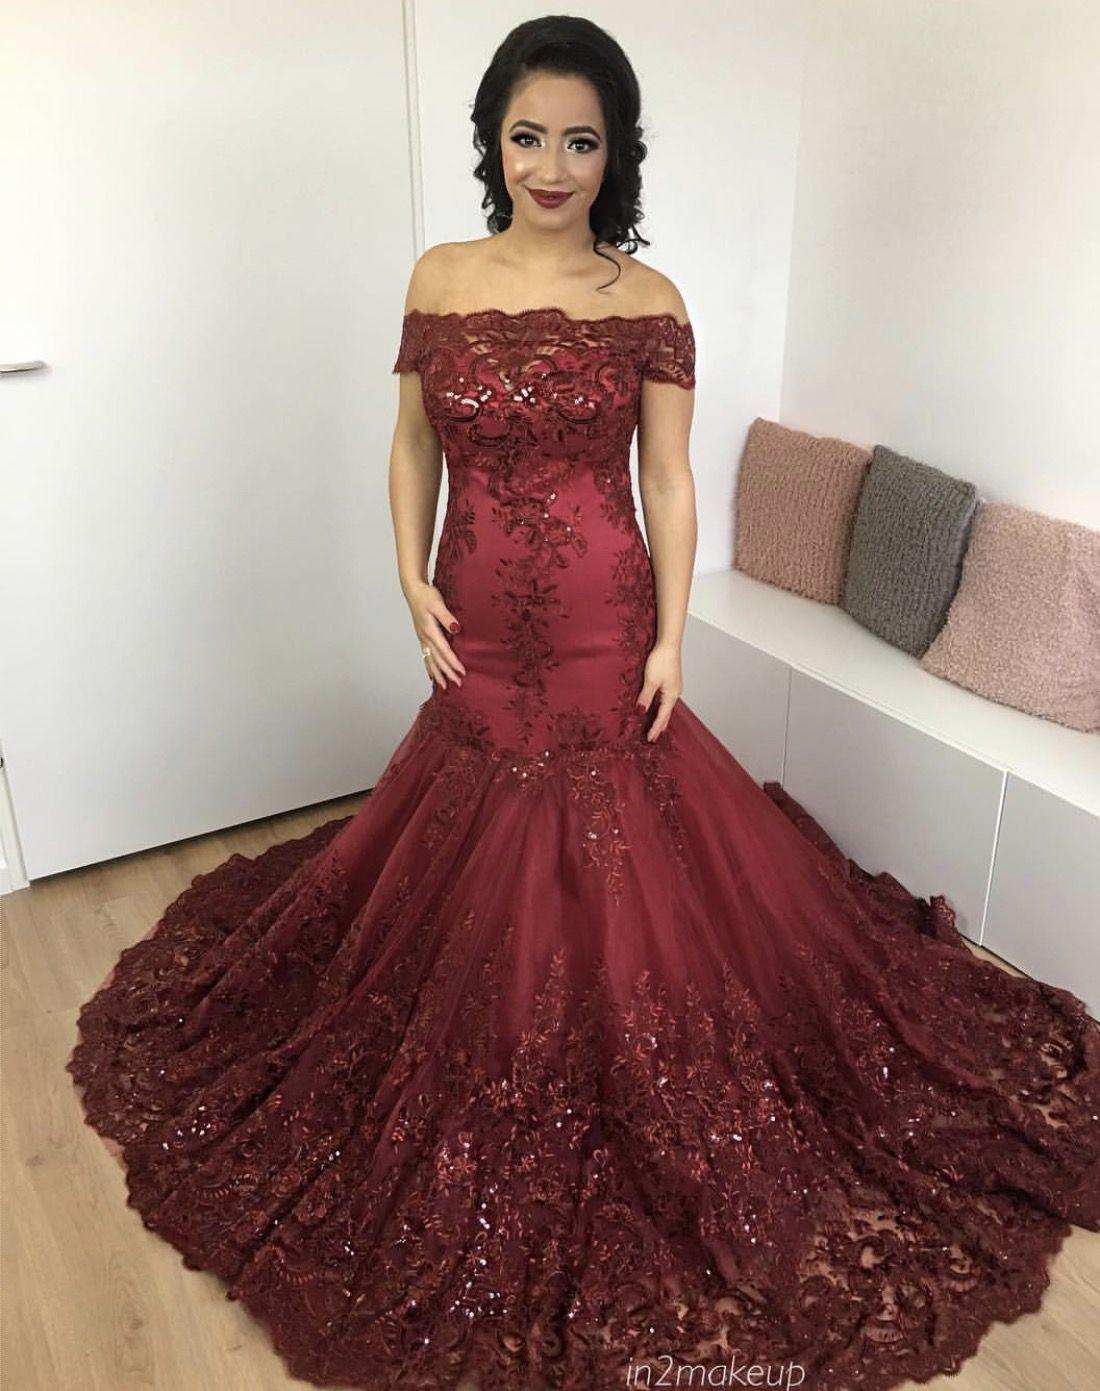 Designer Wunderbar Abend Kleid Duisburg für 201913 Spektakulär Abend Kleid Duisburg Stylish